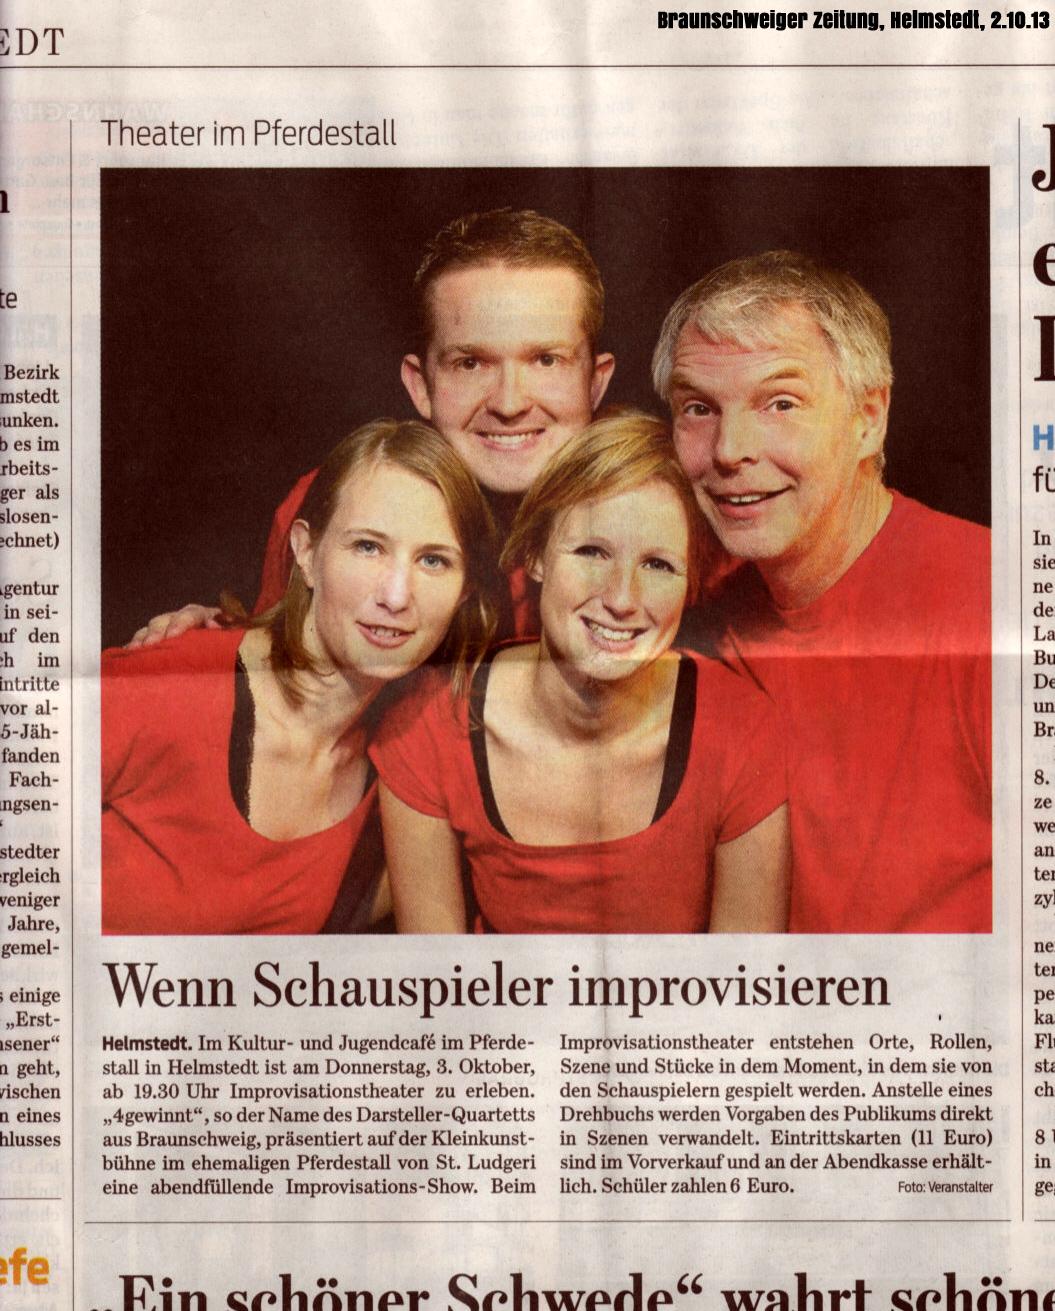 Presse: 4gewinnt kommt nach Helmstedt